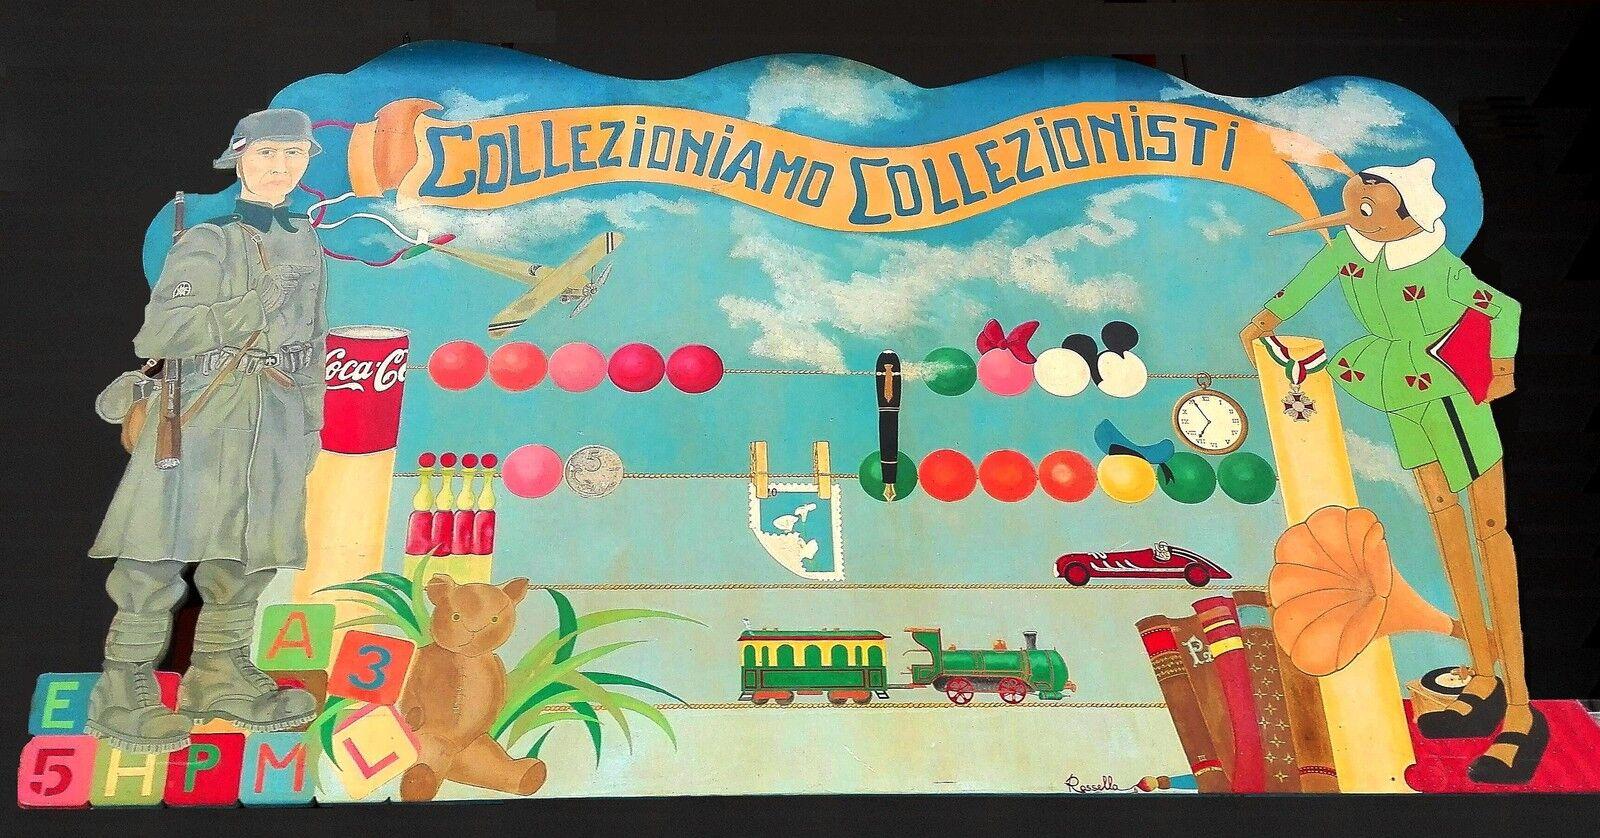 collezionismo ilduca_it